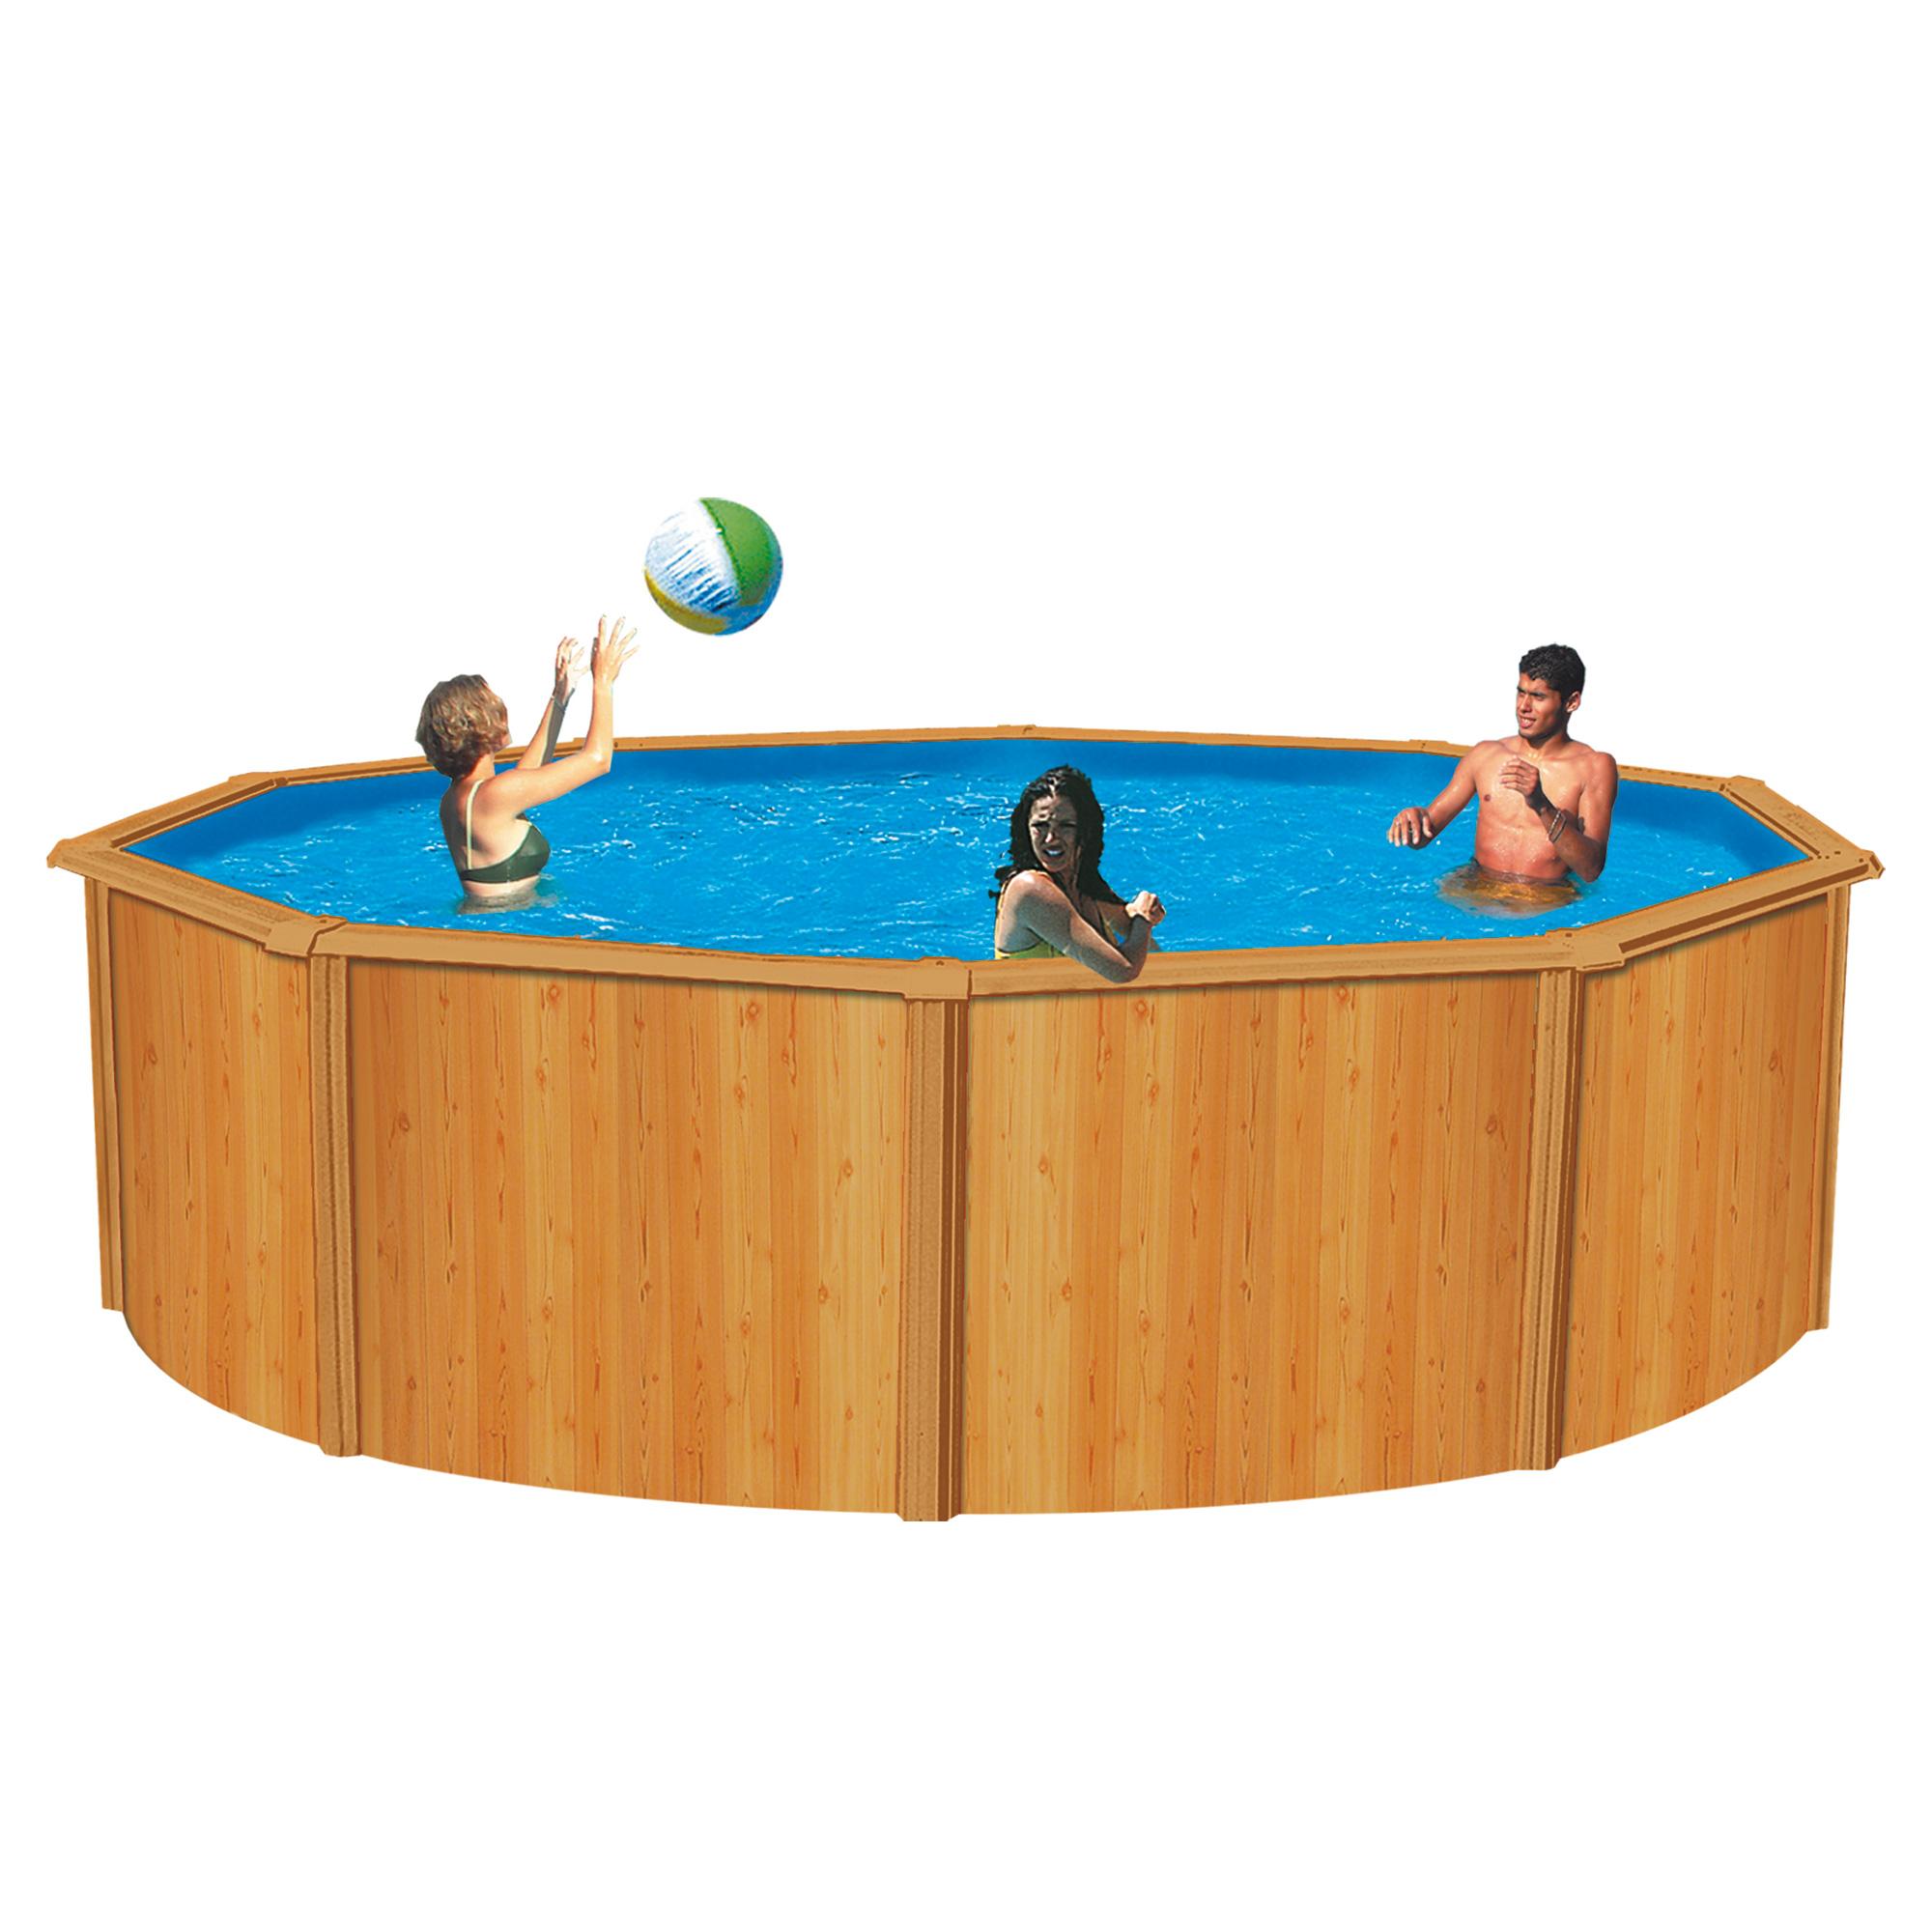 Trigano piscine canyon aspect bois for Piscine aspect bois